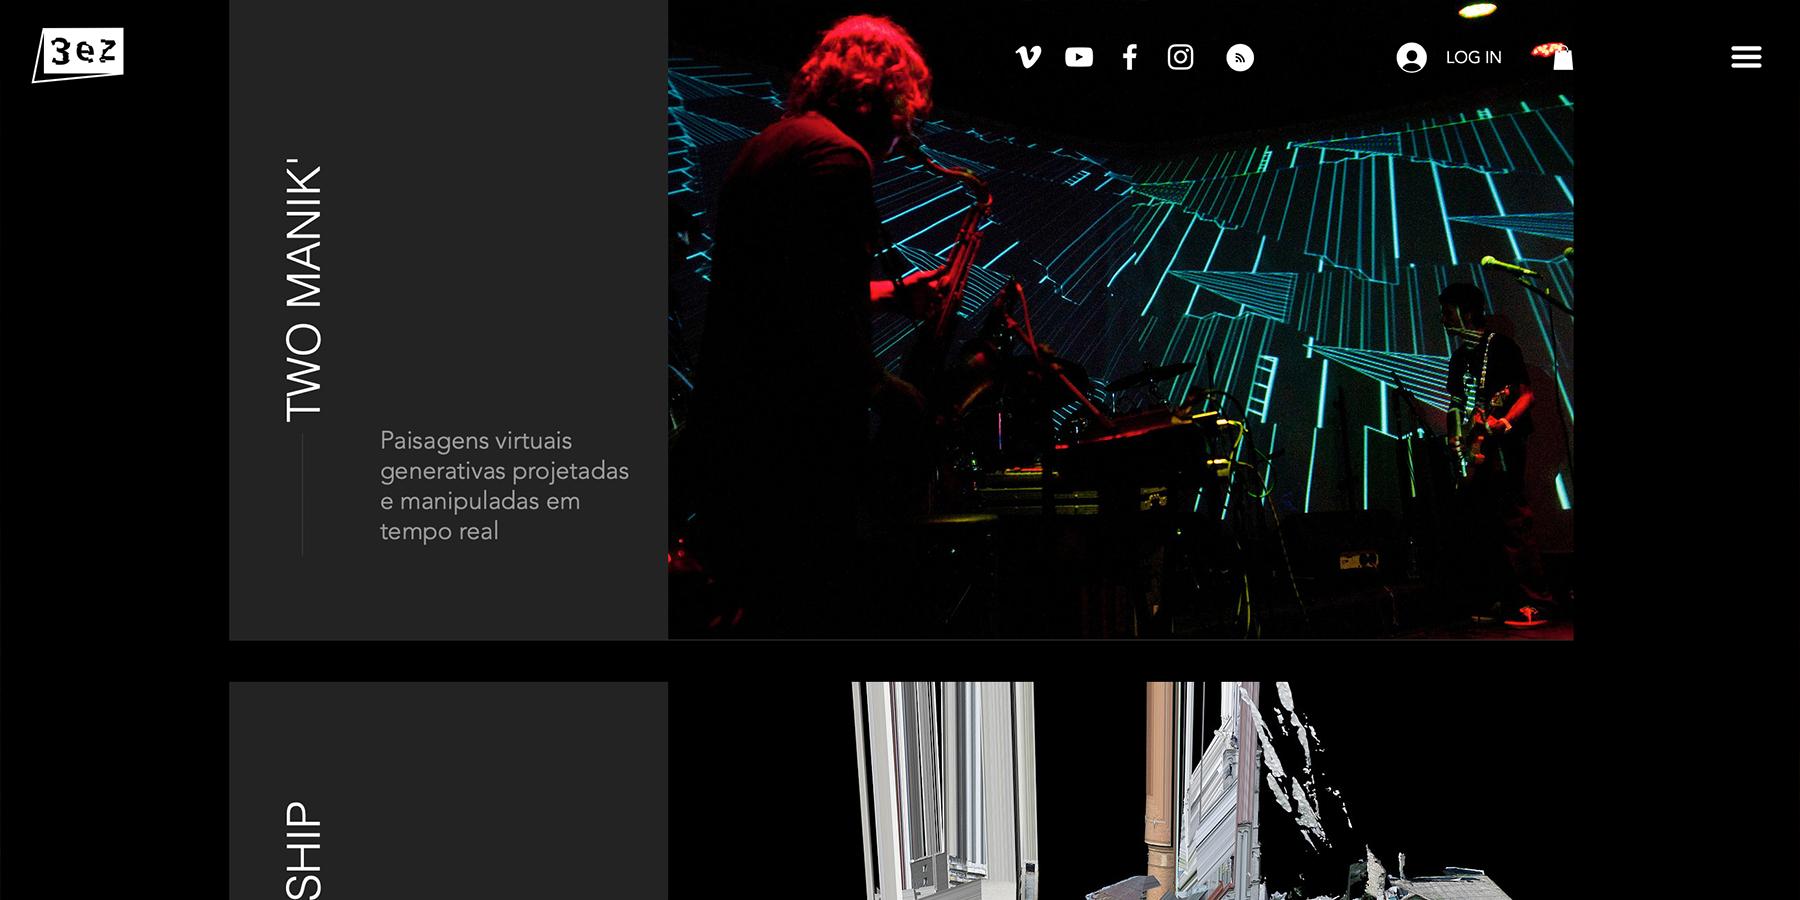 website-desktop-page-2png